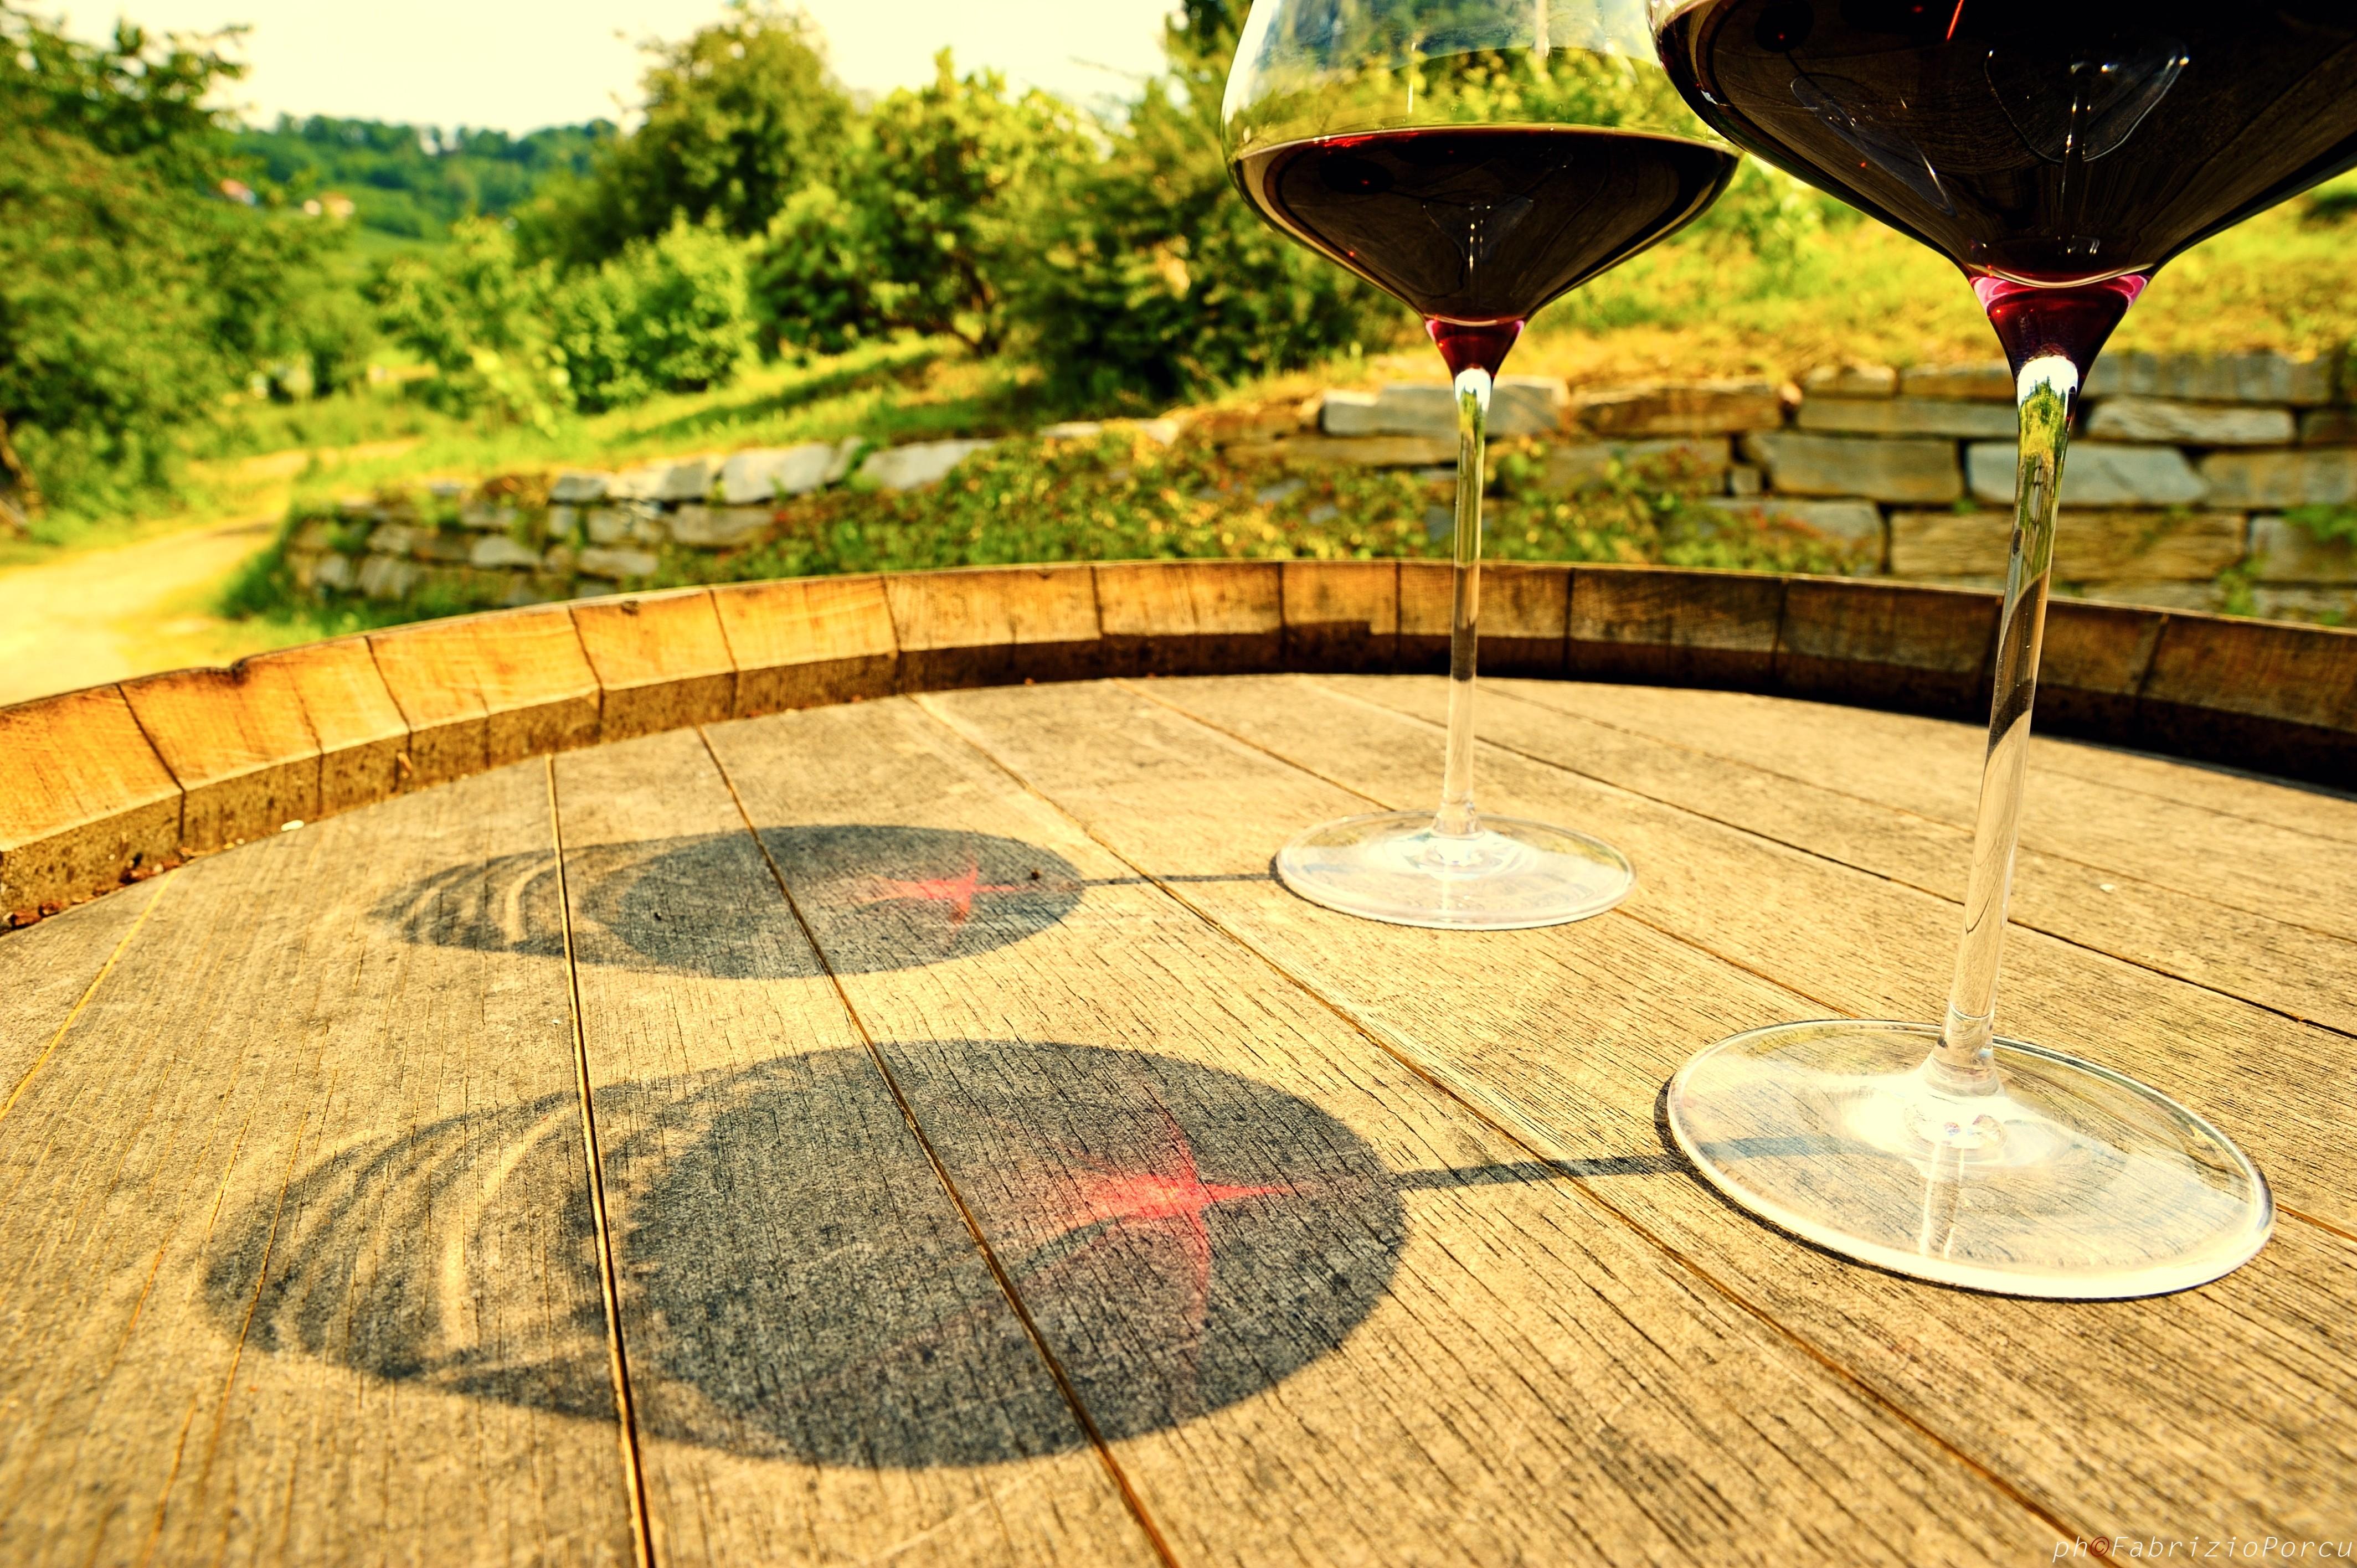 Festival Agrirock di Barolo: grandi vini e eccellenze gastronomiche